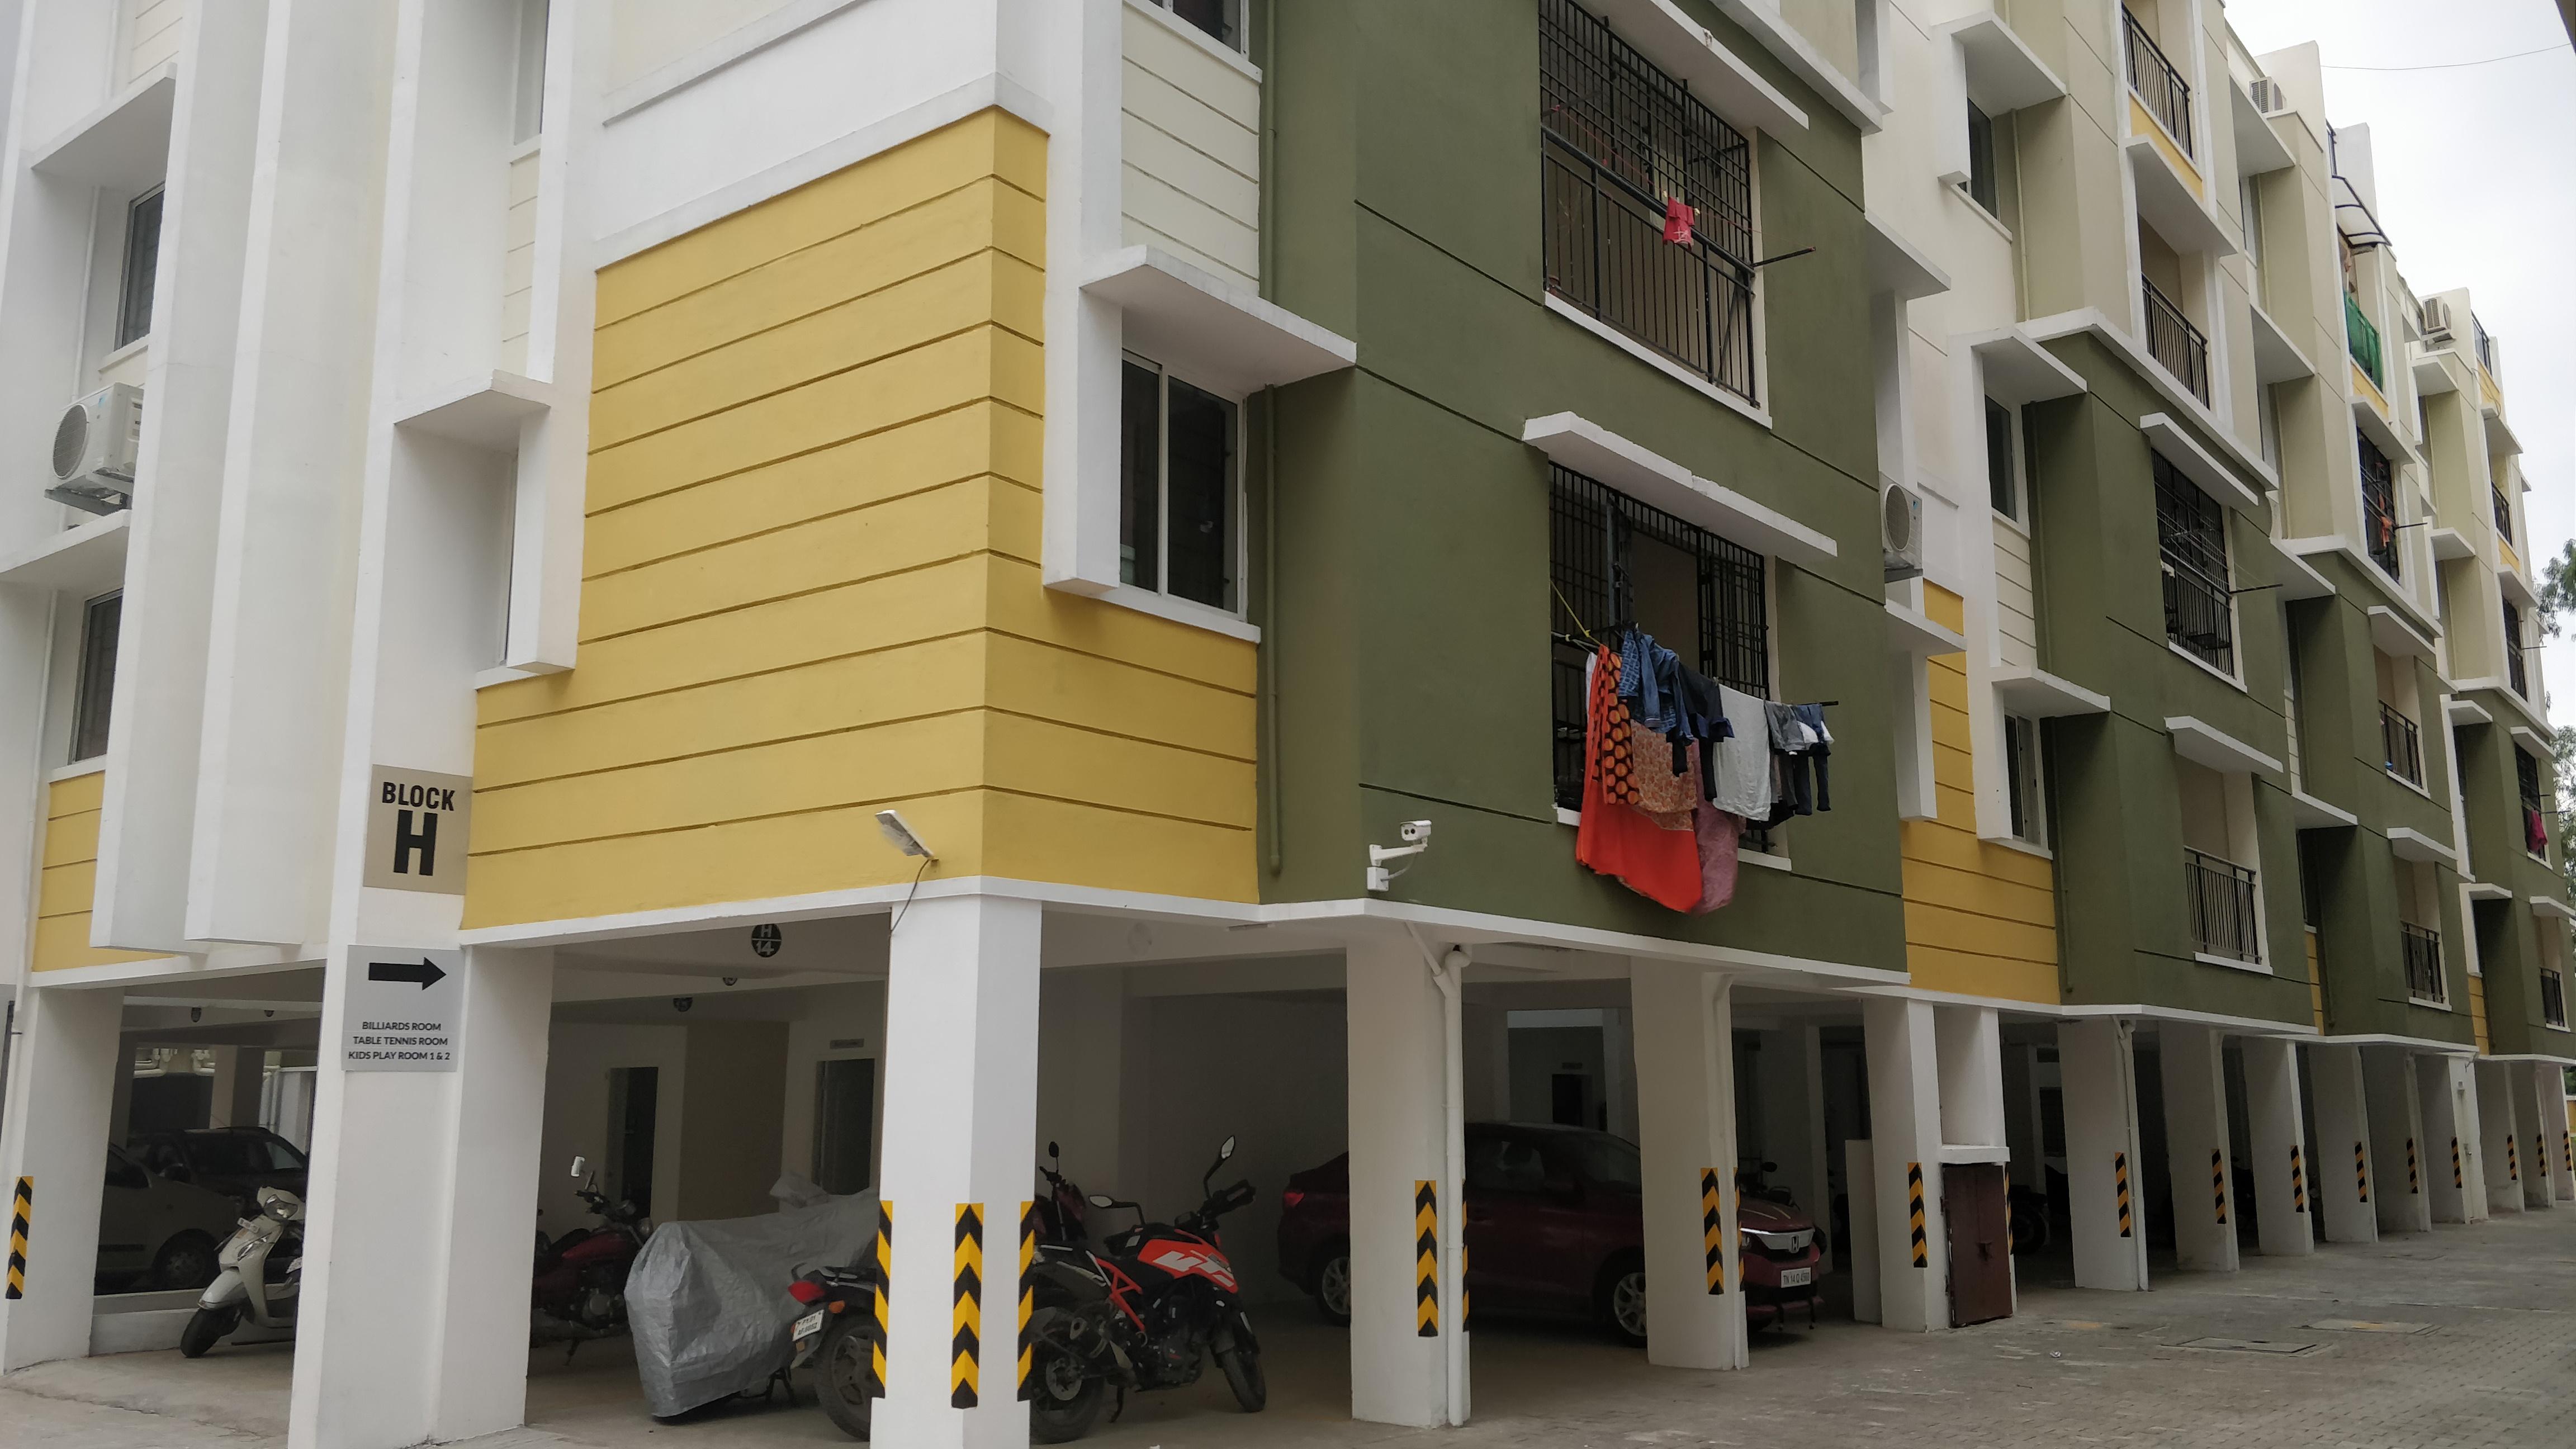 2 bhk apartments in omr - KG Builders